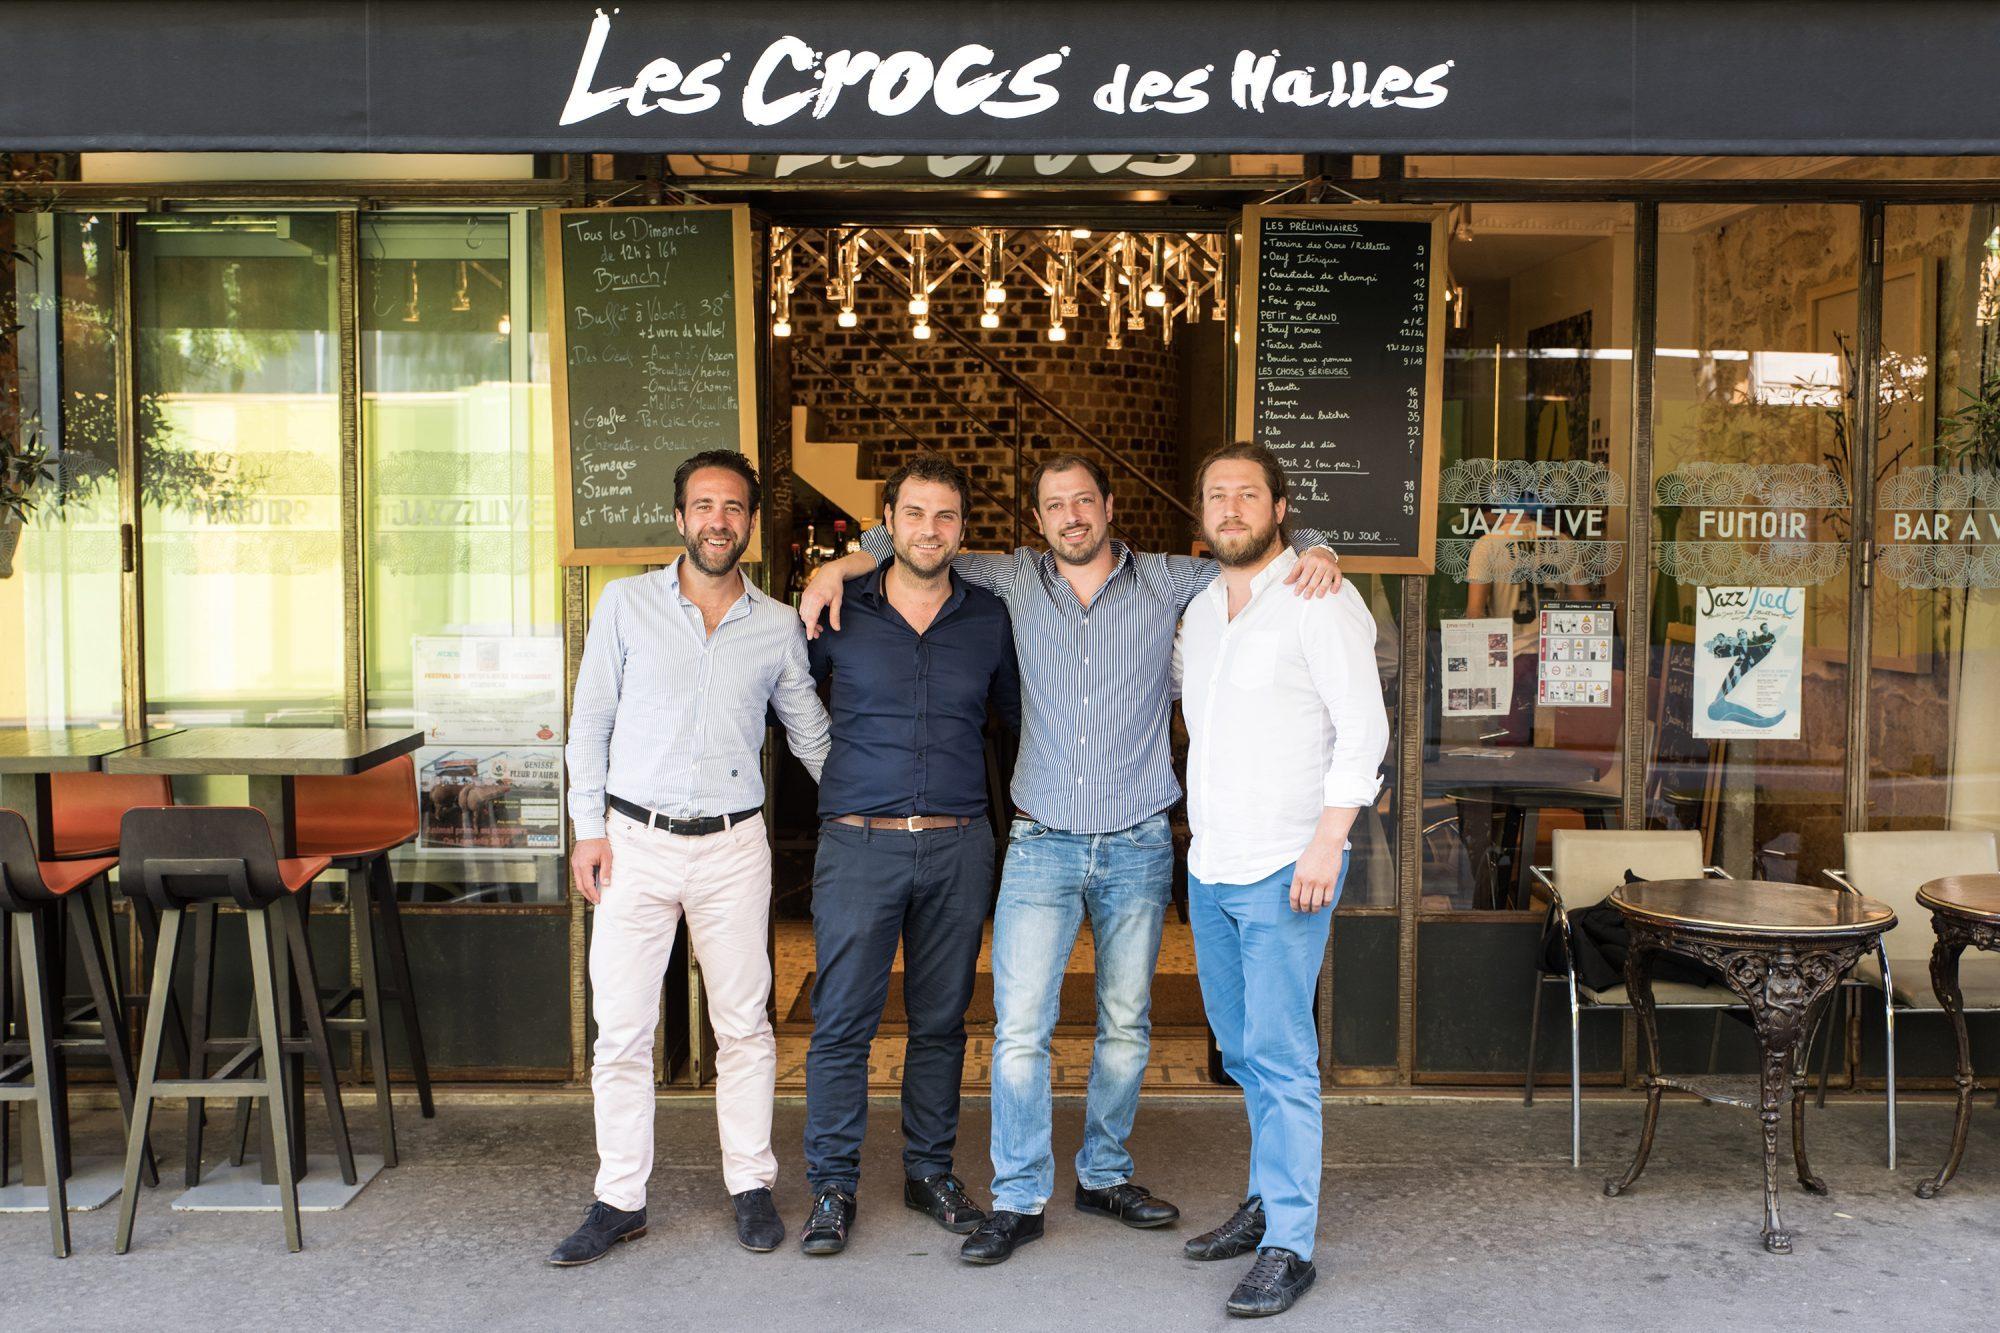 Restaurant bistronomique les crocs des halles paris capitale - Lapeyre rue des halles ...